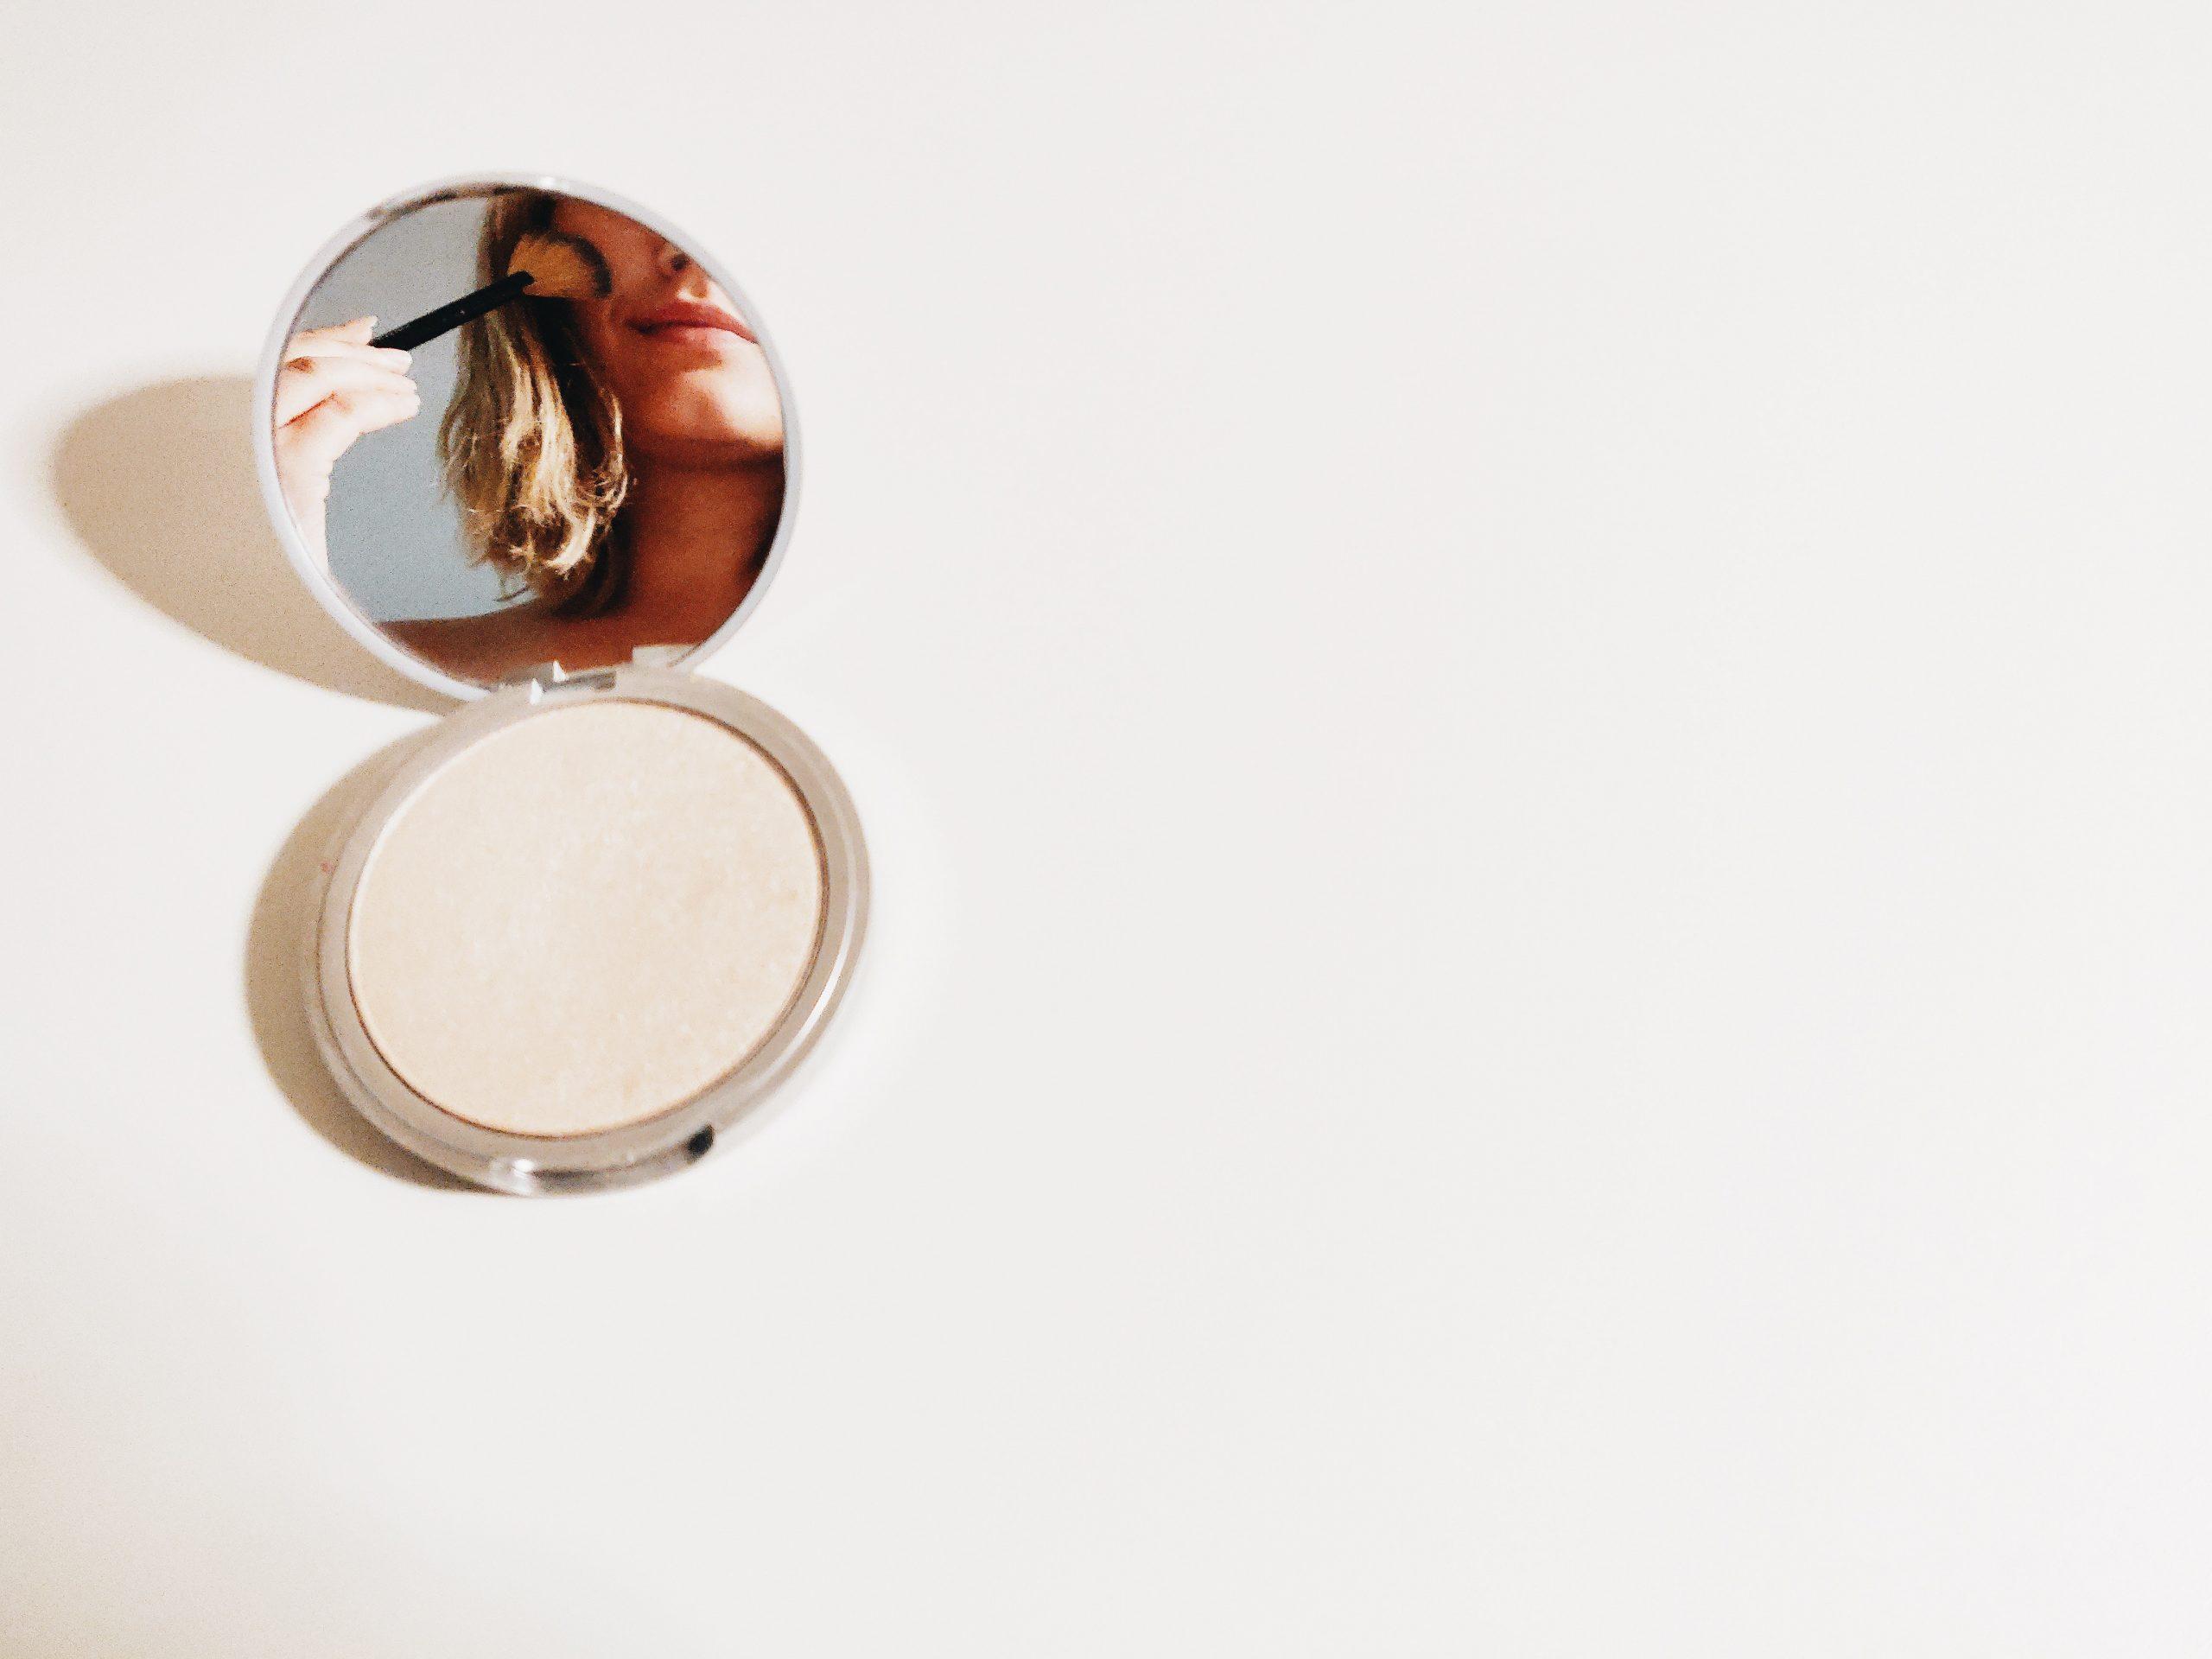 Foto de um pó iluminador aberto, com seu espelho refletindo uma mulher aplicando o iluminador com um pinel.